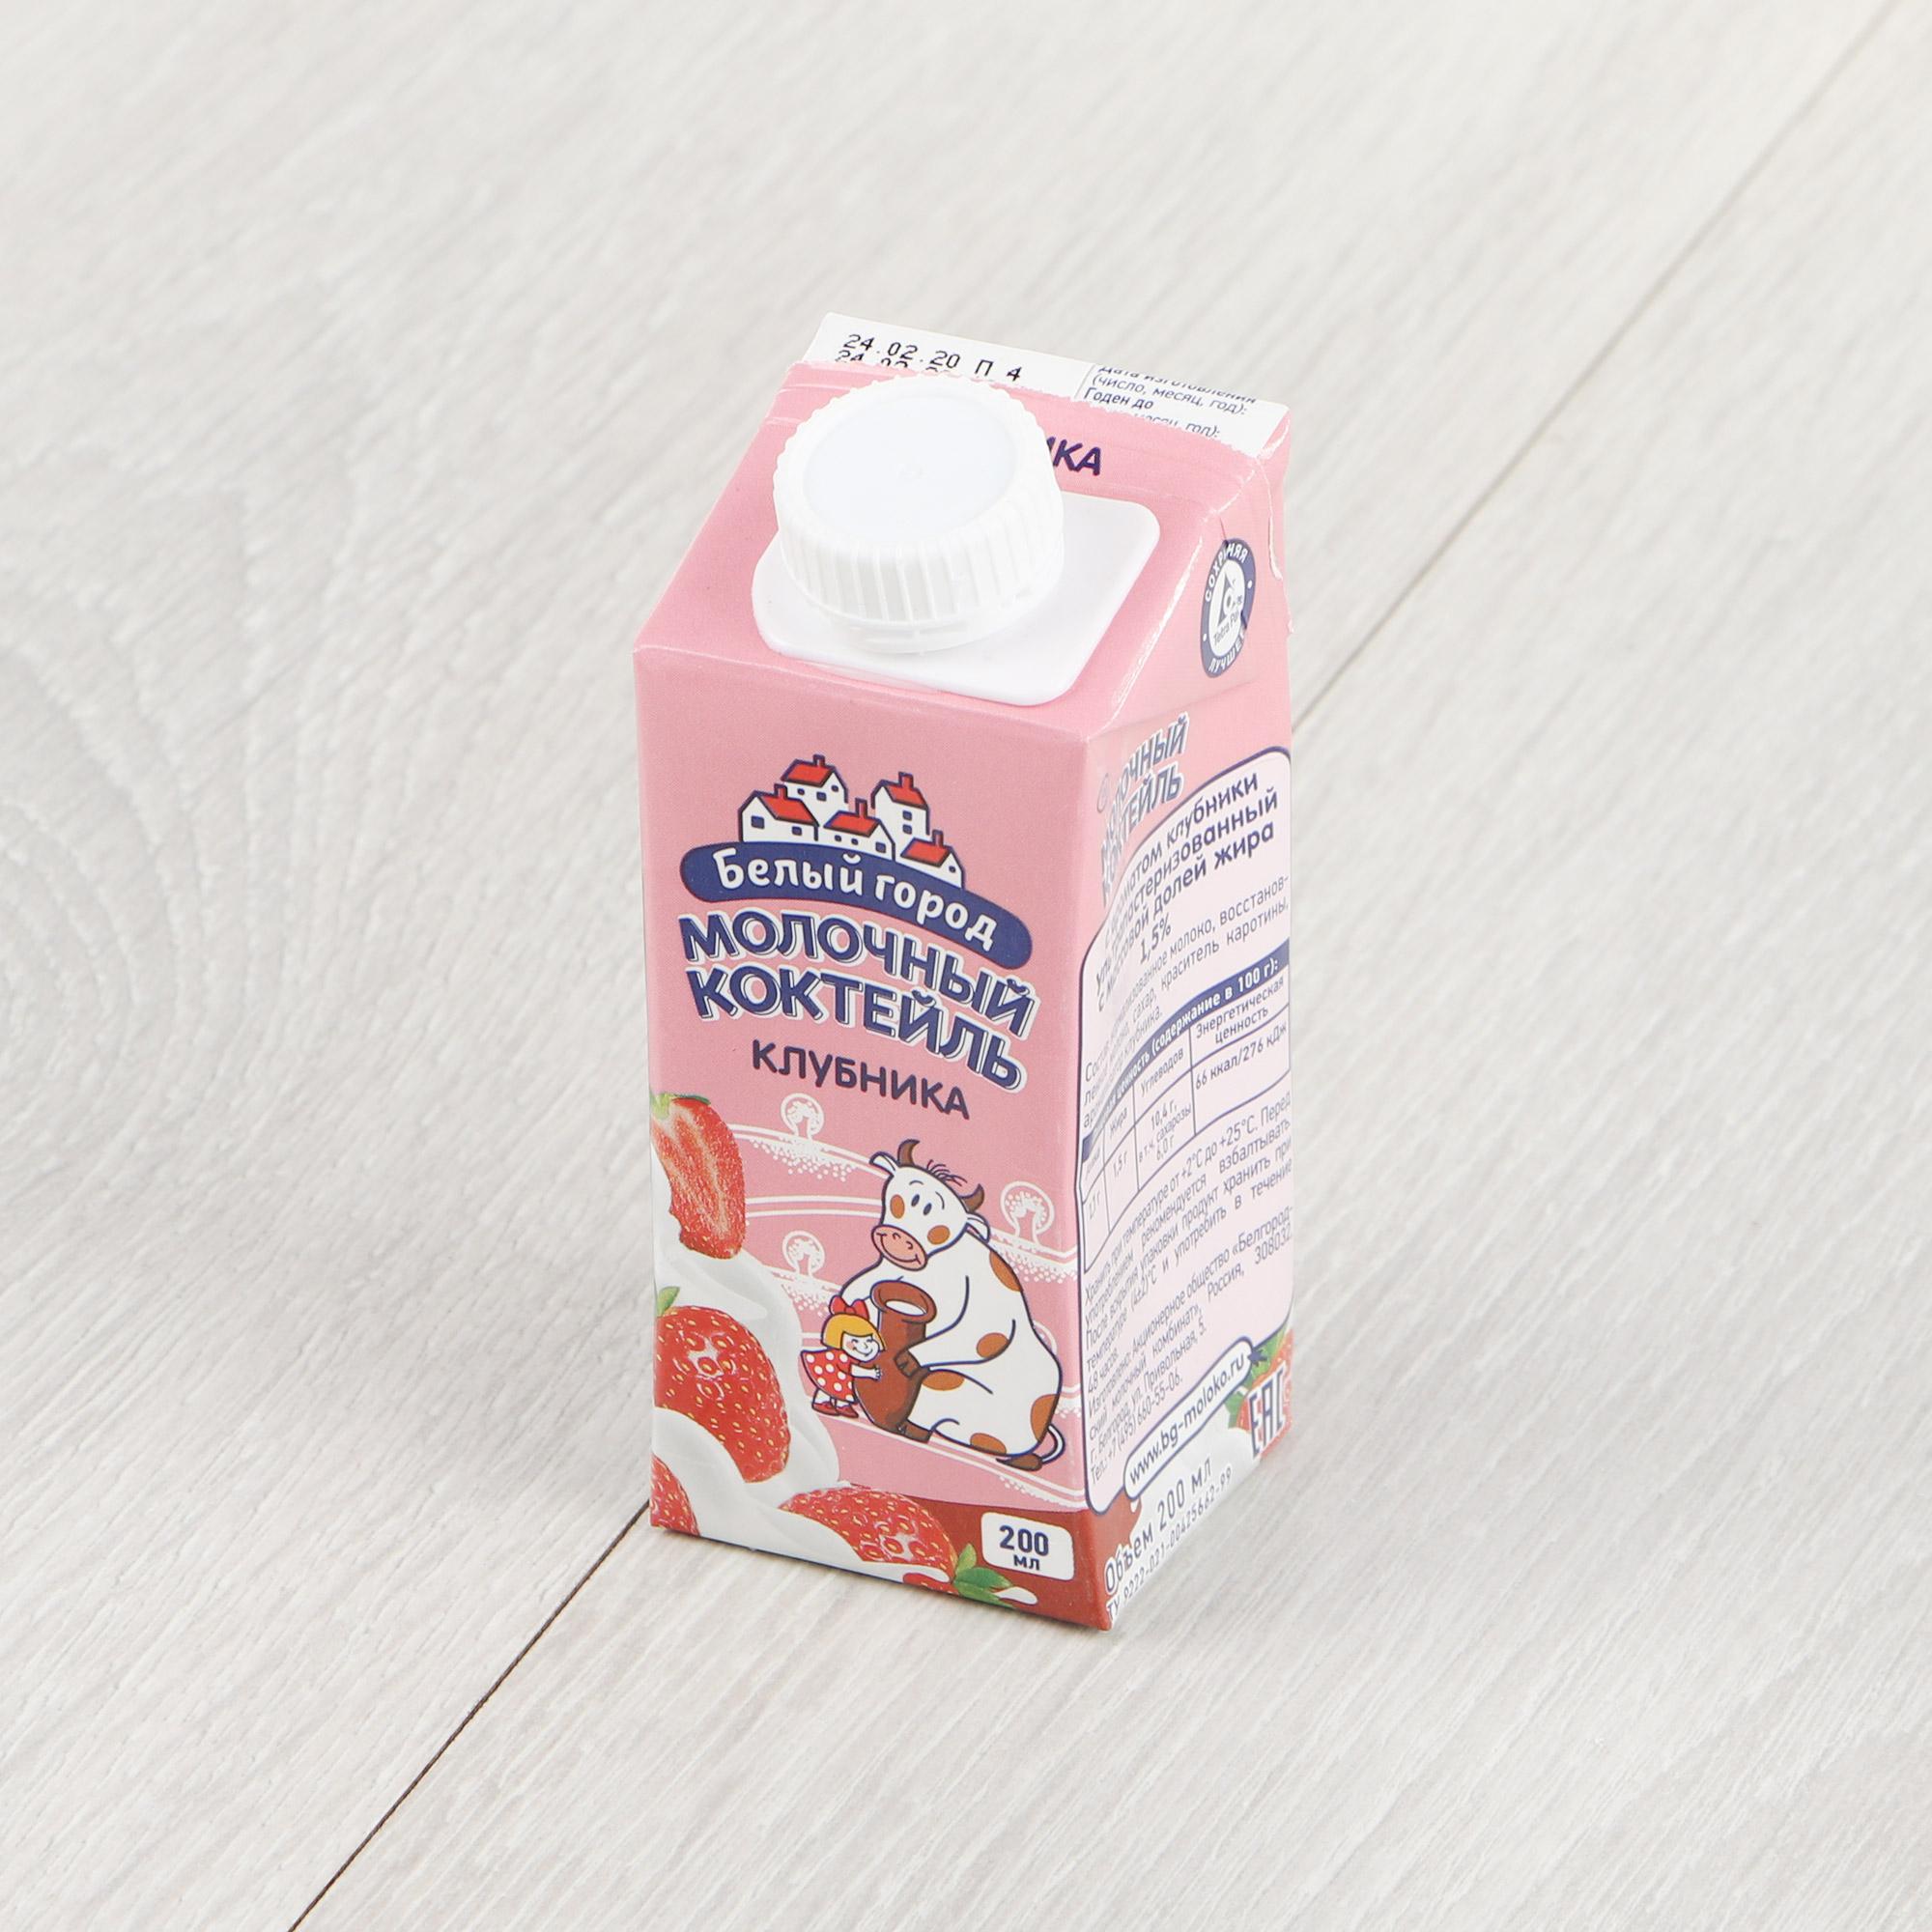 Коктейль Белый город молочный клубника 1,5% 200 мл